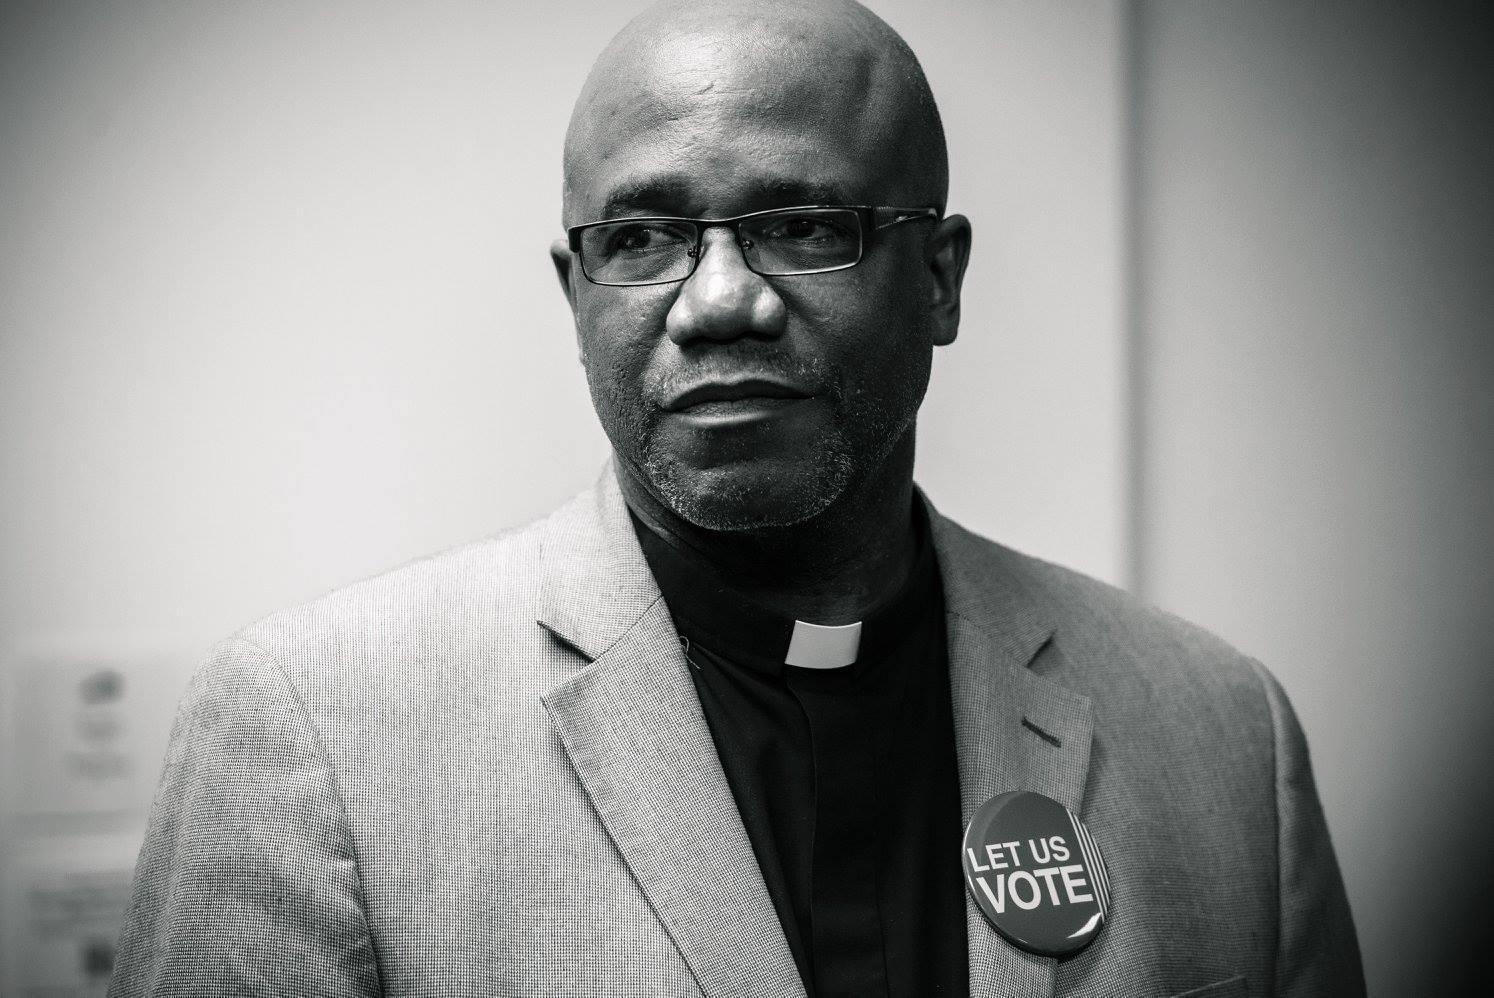 The Rev. D. Anthony Everett. Photo courtesy of the Rev. D. Anthony Everett